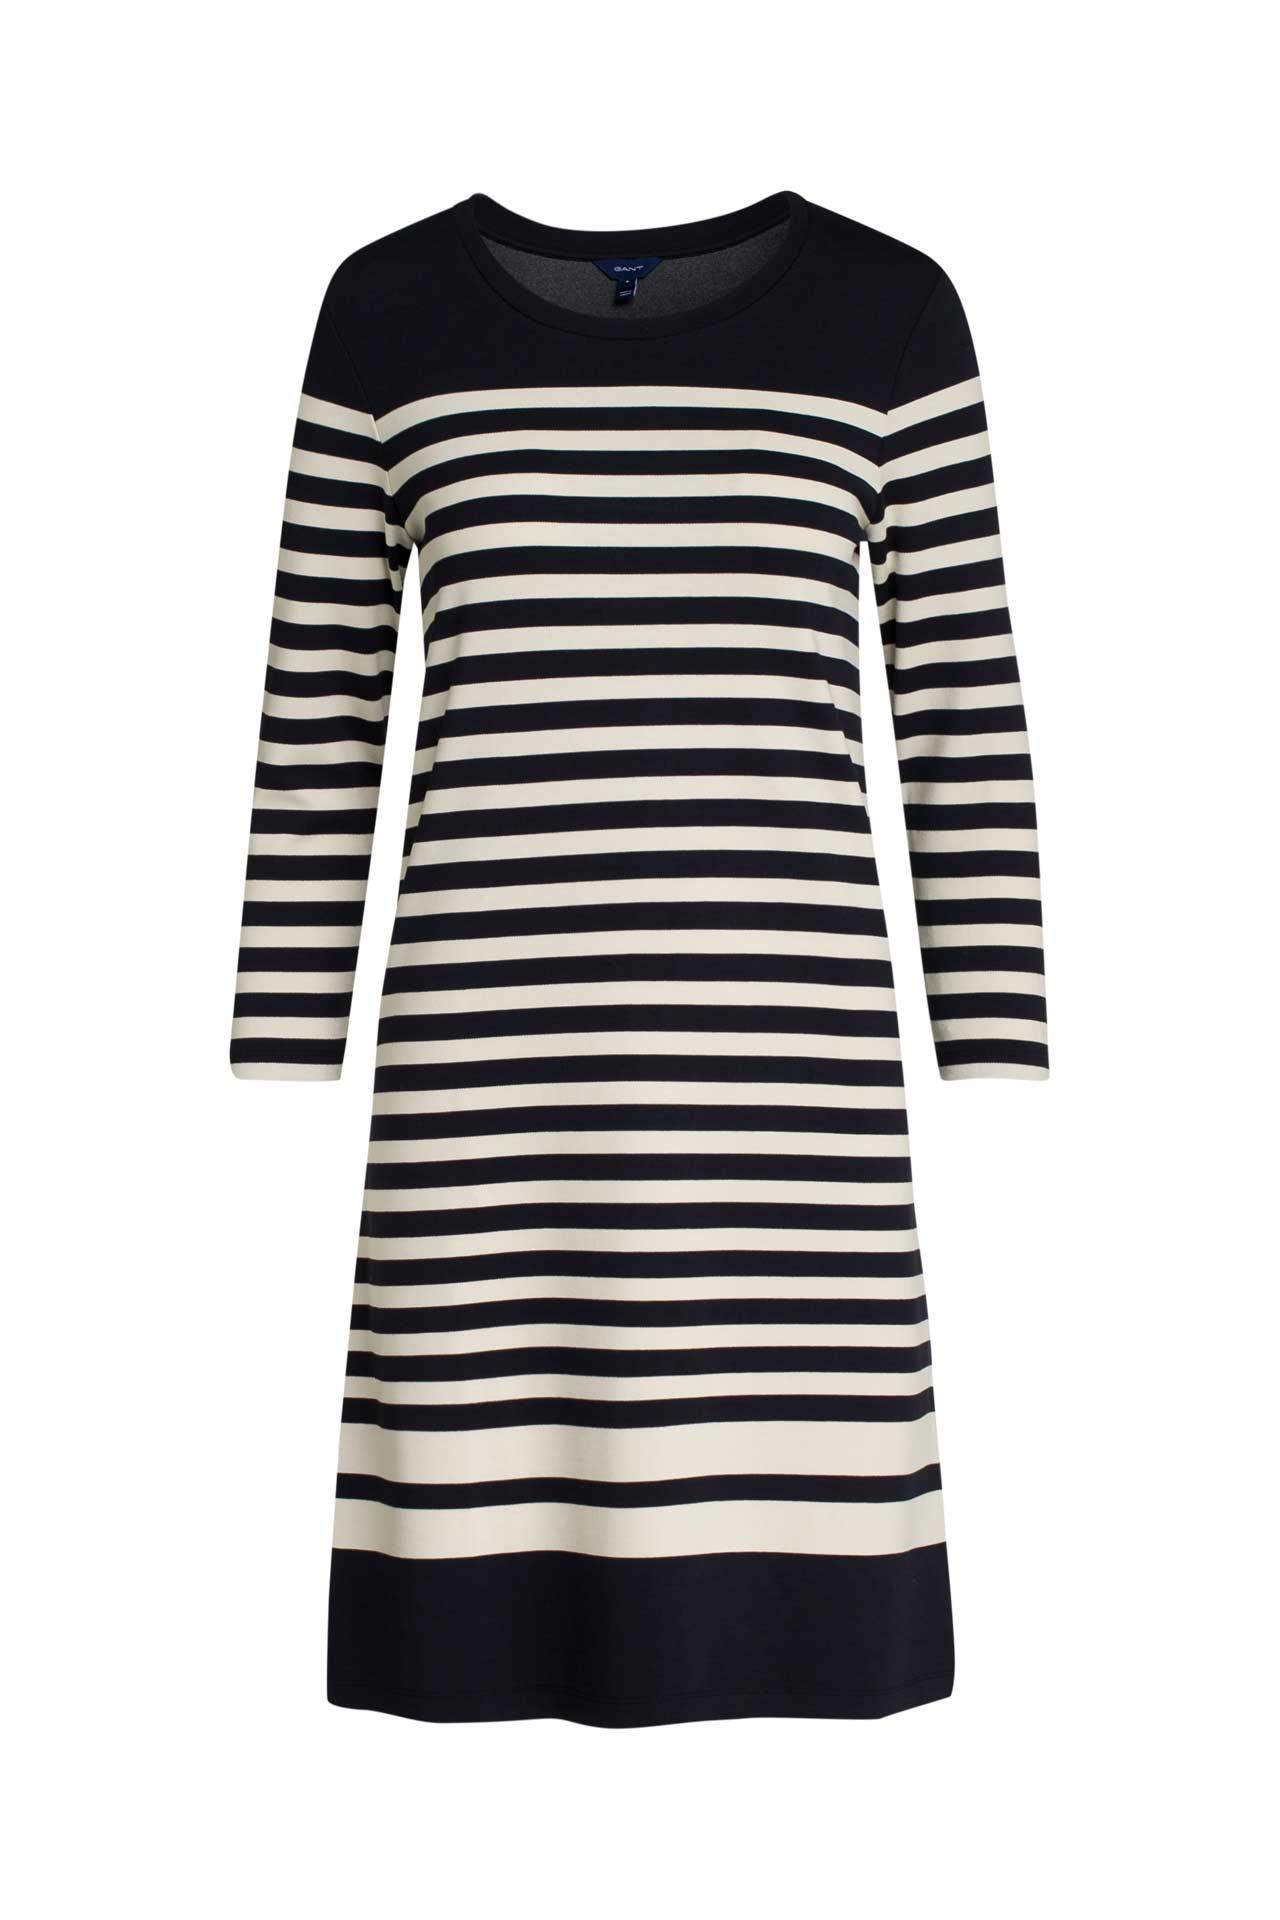 Jerseykleid gestreift - GANT » günstig online kaufen ...